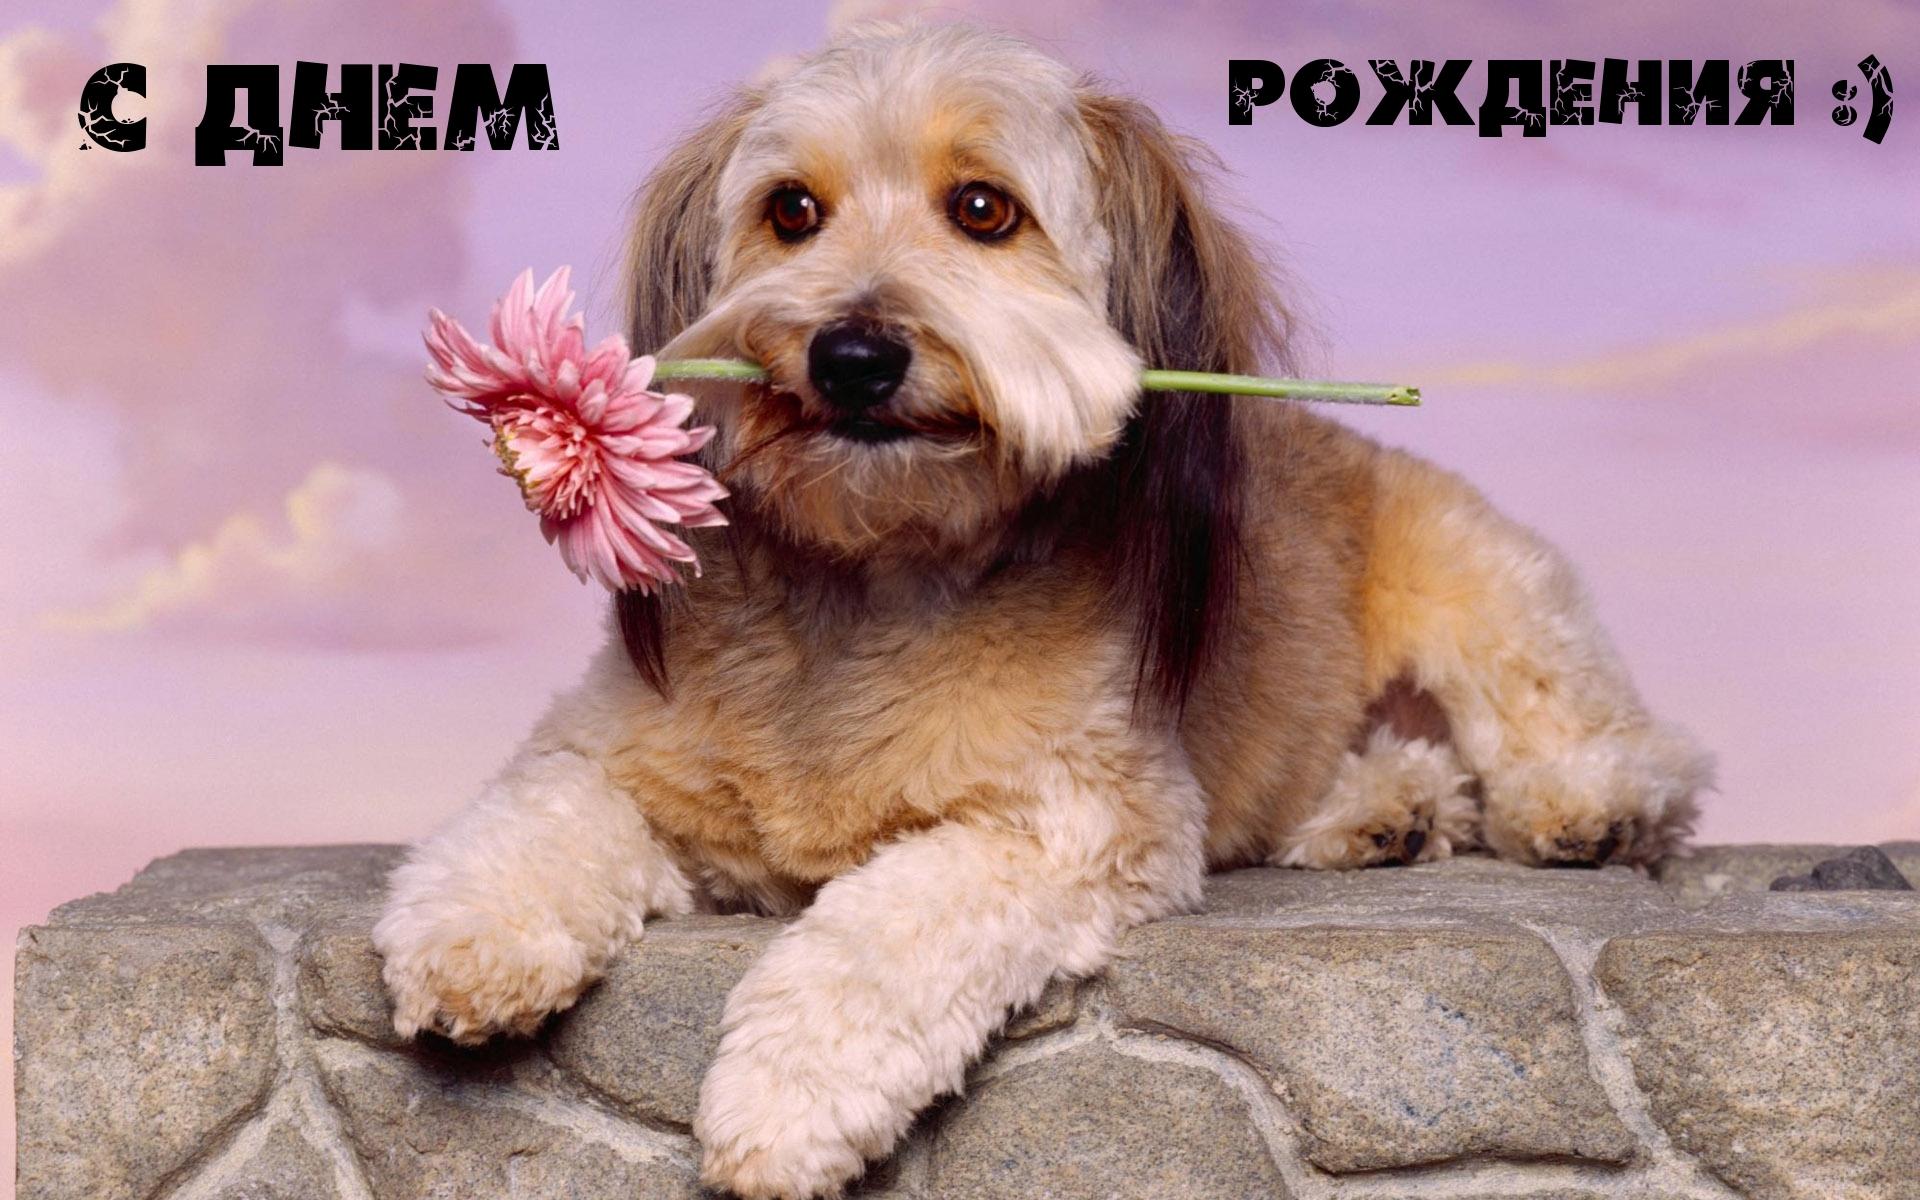 Картинки с надписями. С днем рождения!.: www.imagetext.ru/inscription-2254.php